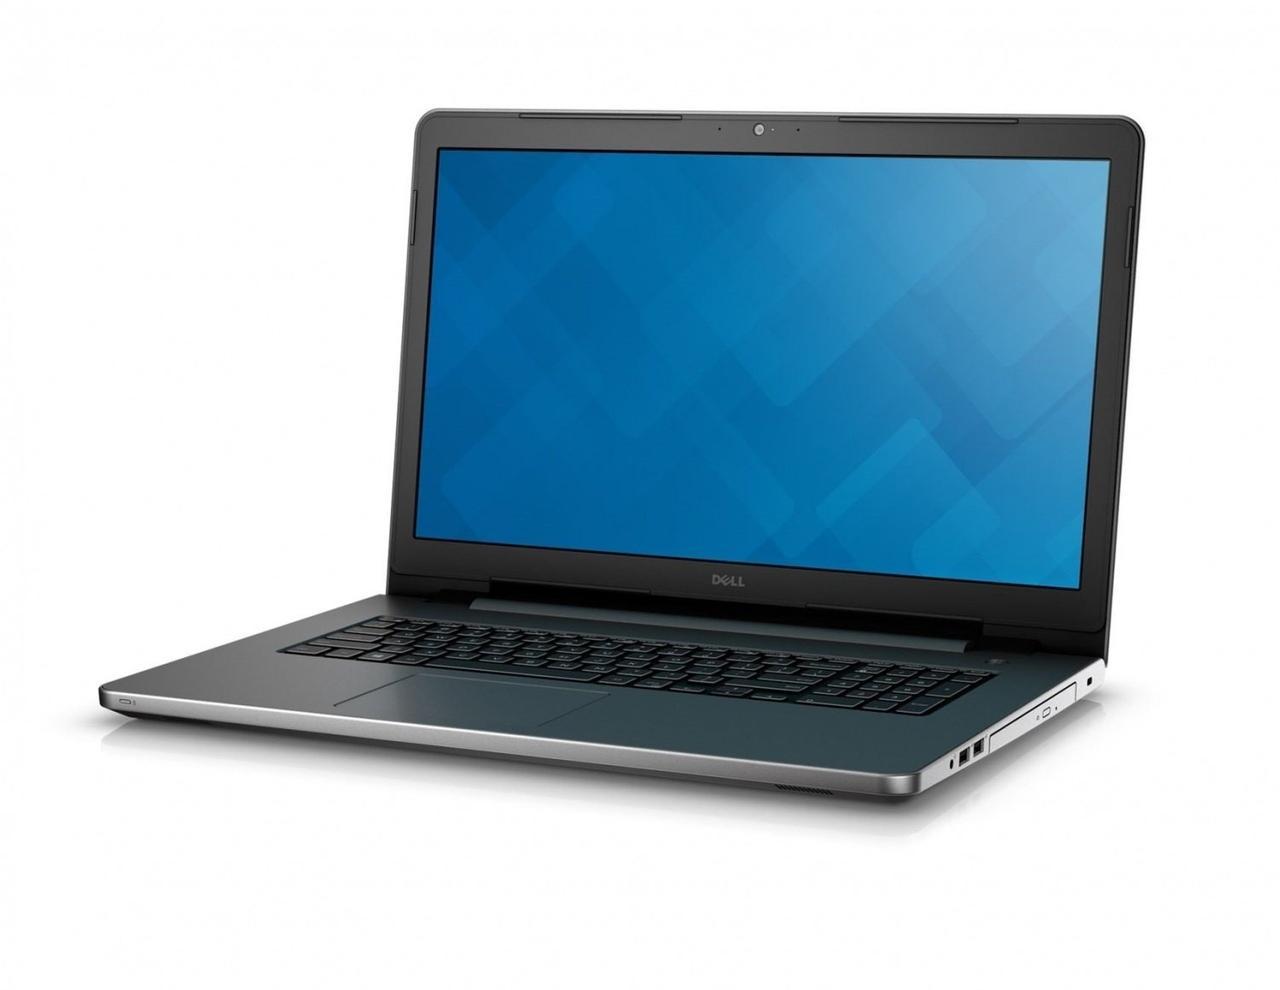 """Ноутбук 17.3"""" Dell 5758 i5-5250U/8GB/1TB+128SSD/GT920M 2Gb Inspiron I575810DDW-T1 TN FullHD 1920x1080 (Б/У)"""